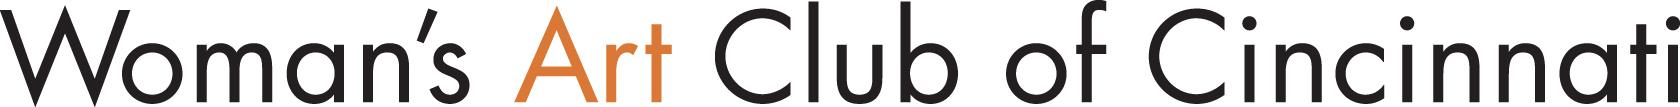 Exhibition Gallery – Woman's Art Club of Cincinnati